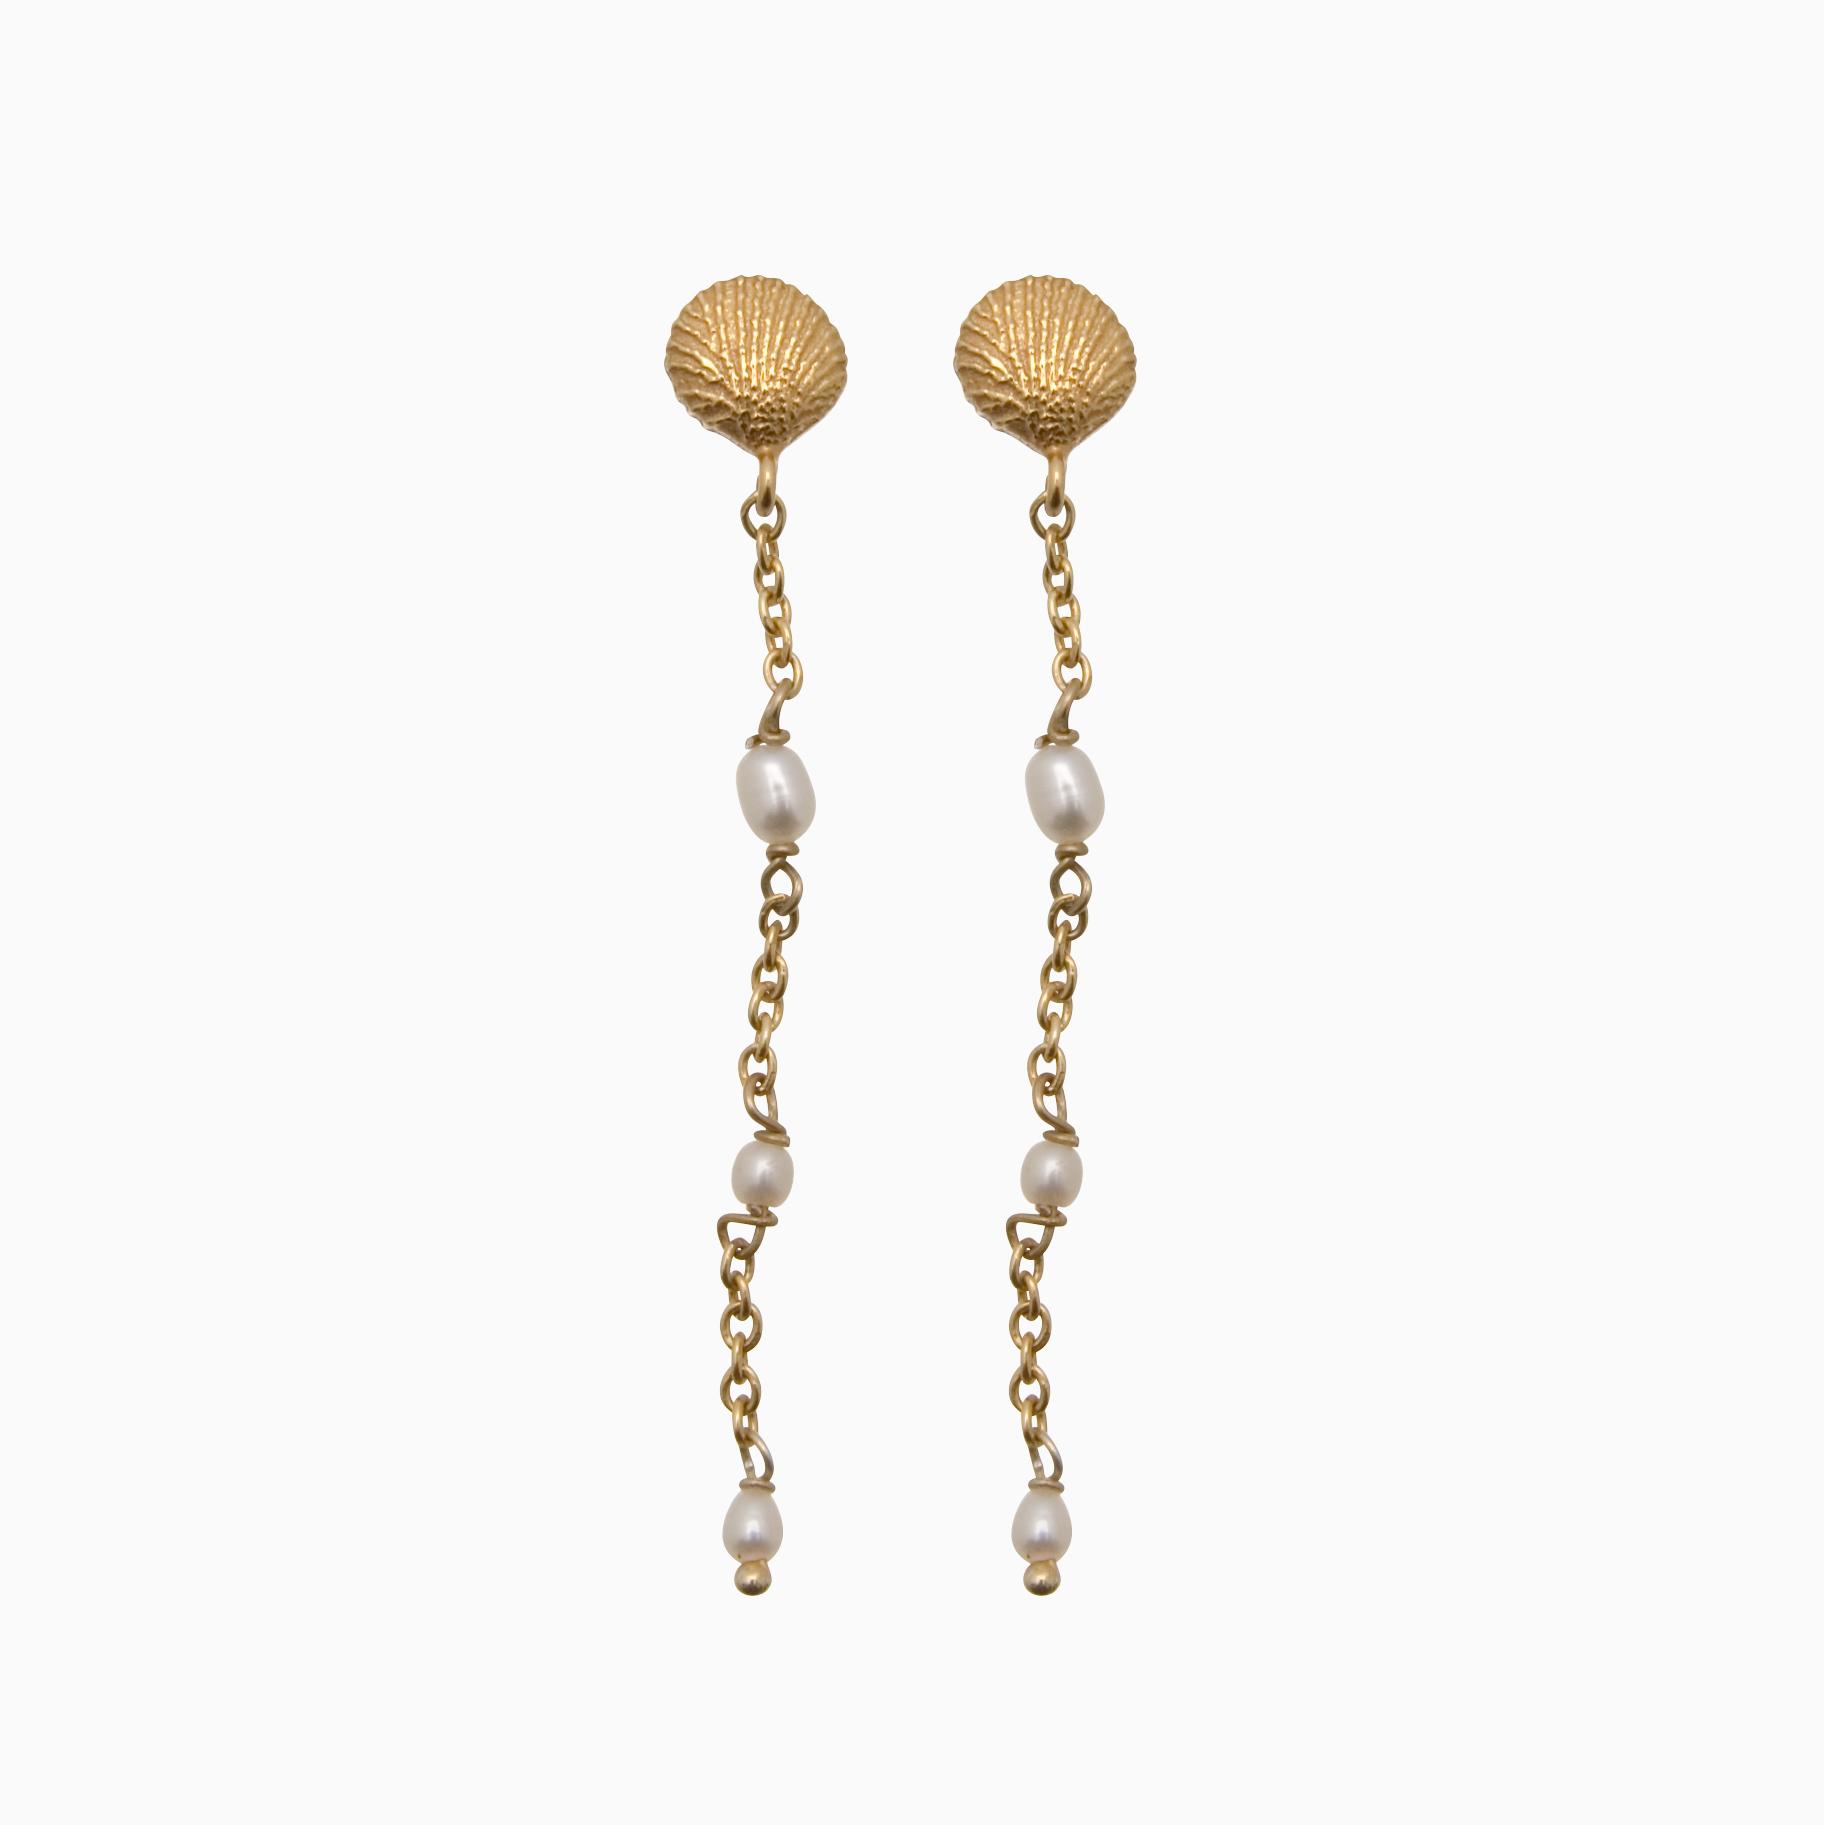 Ørestik med guldskal og små hvide perler | no. 763- DESVÆRRE UDSOLGT